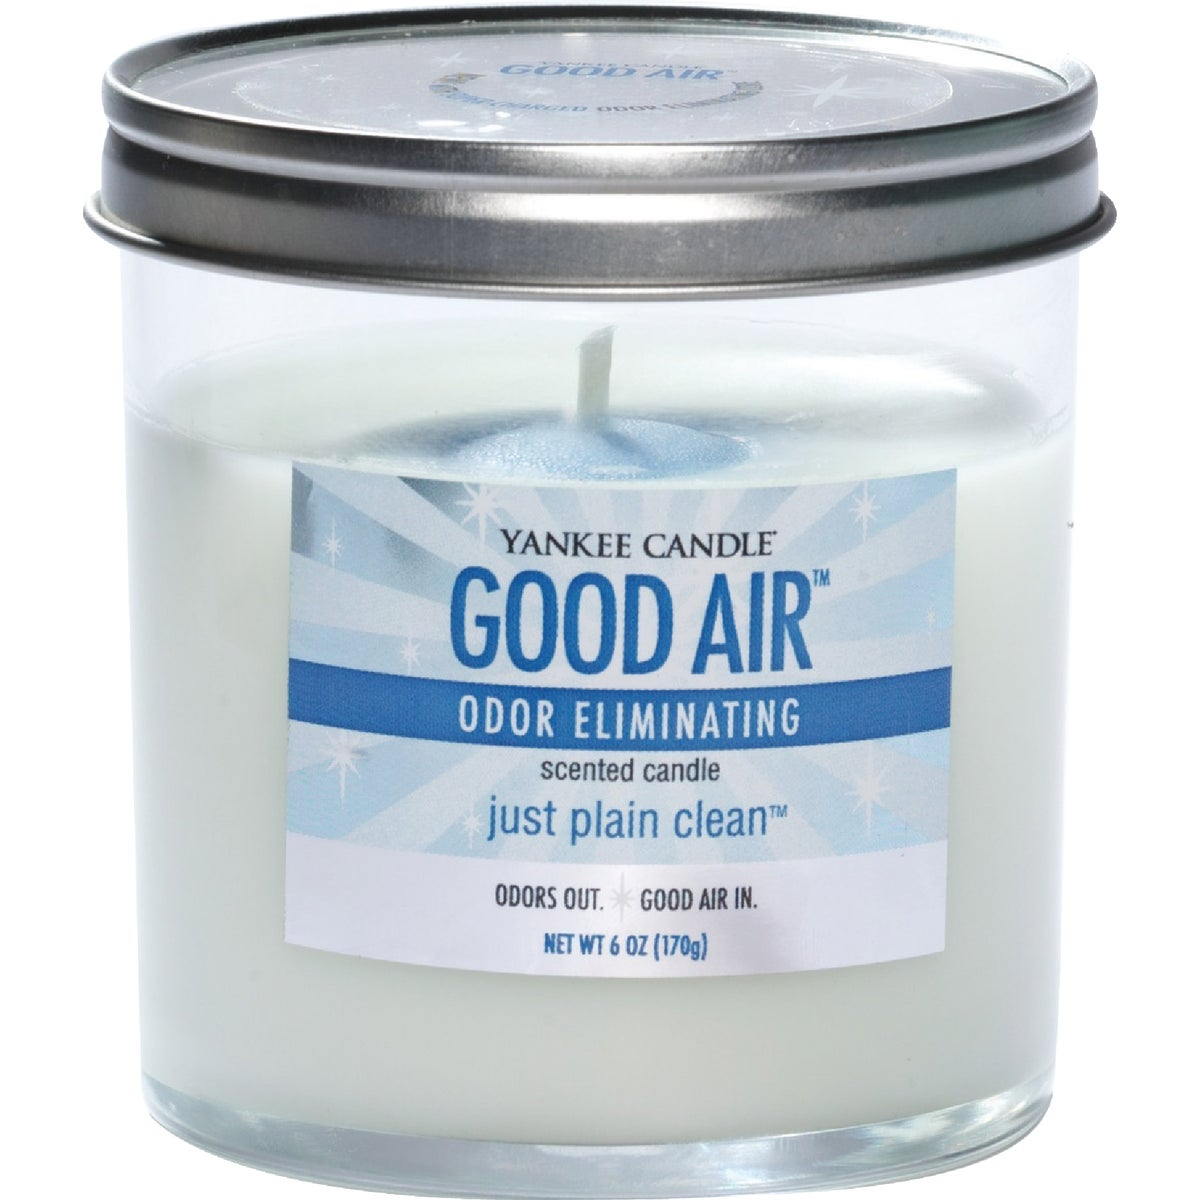 6OZ GOOD AIR CANDLE